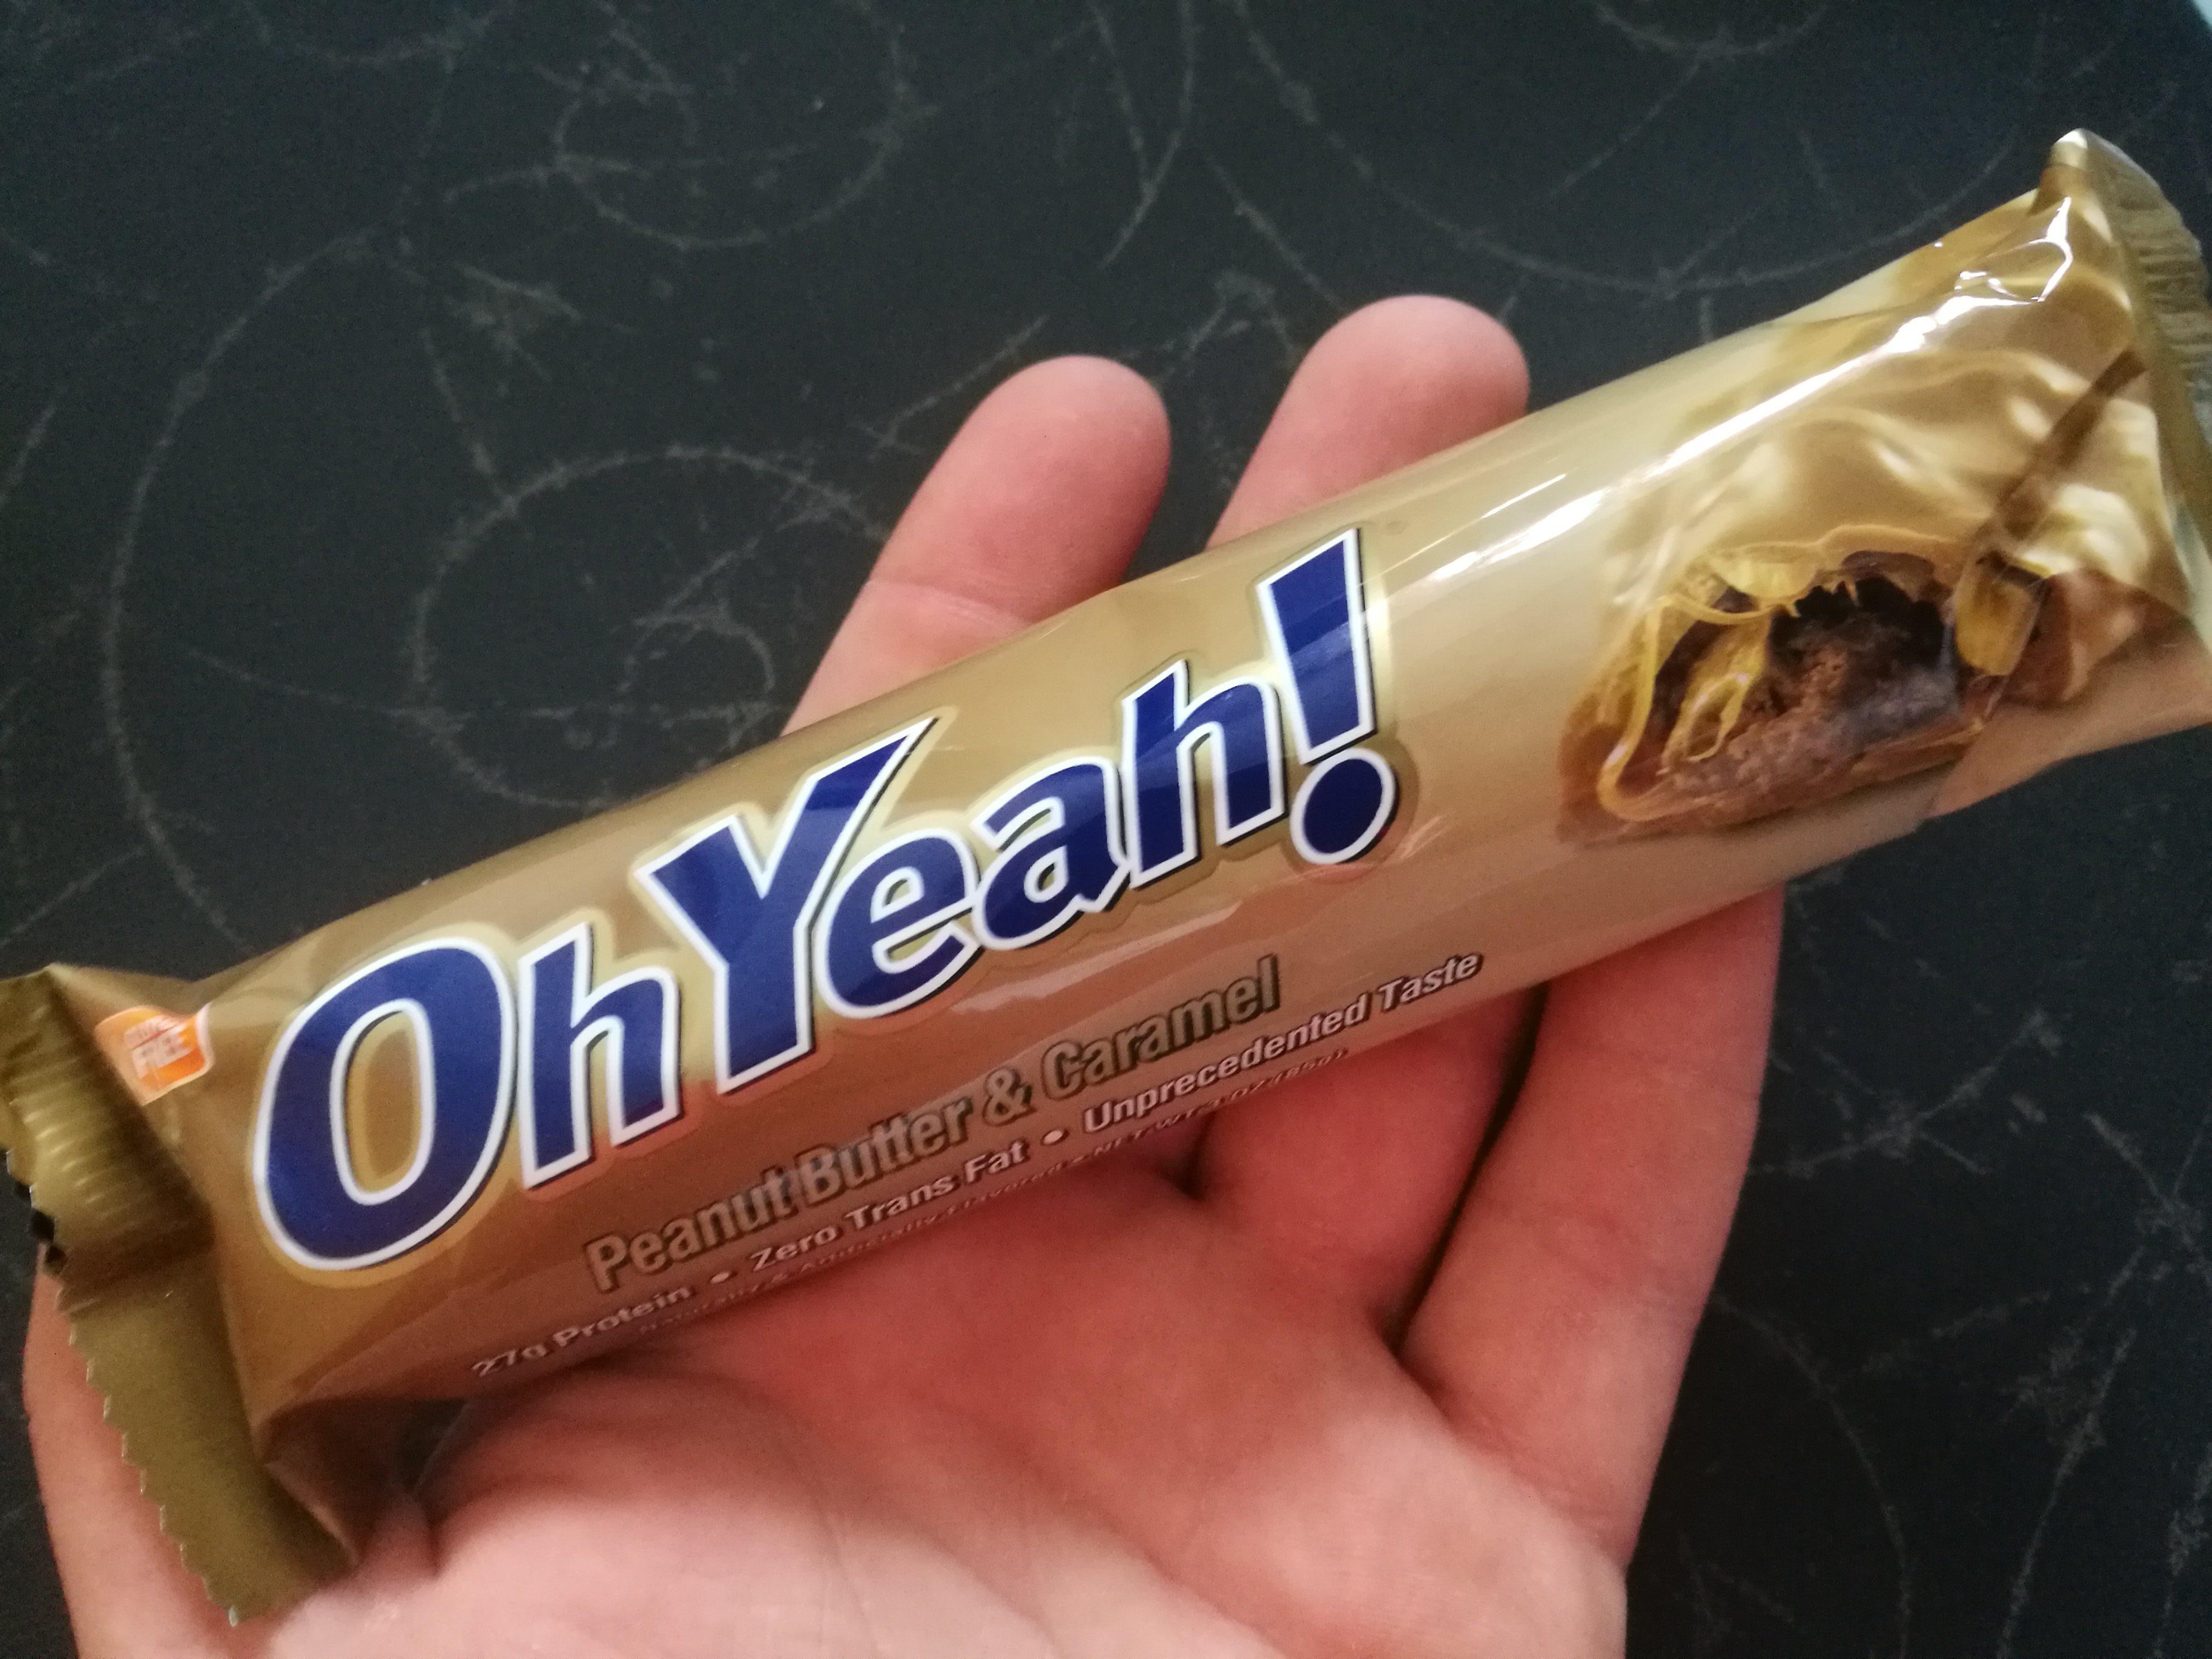 Oh Yeah! Peanutbutter-Caramel Riegel - Produkt-Test / Produkt-Review